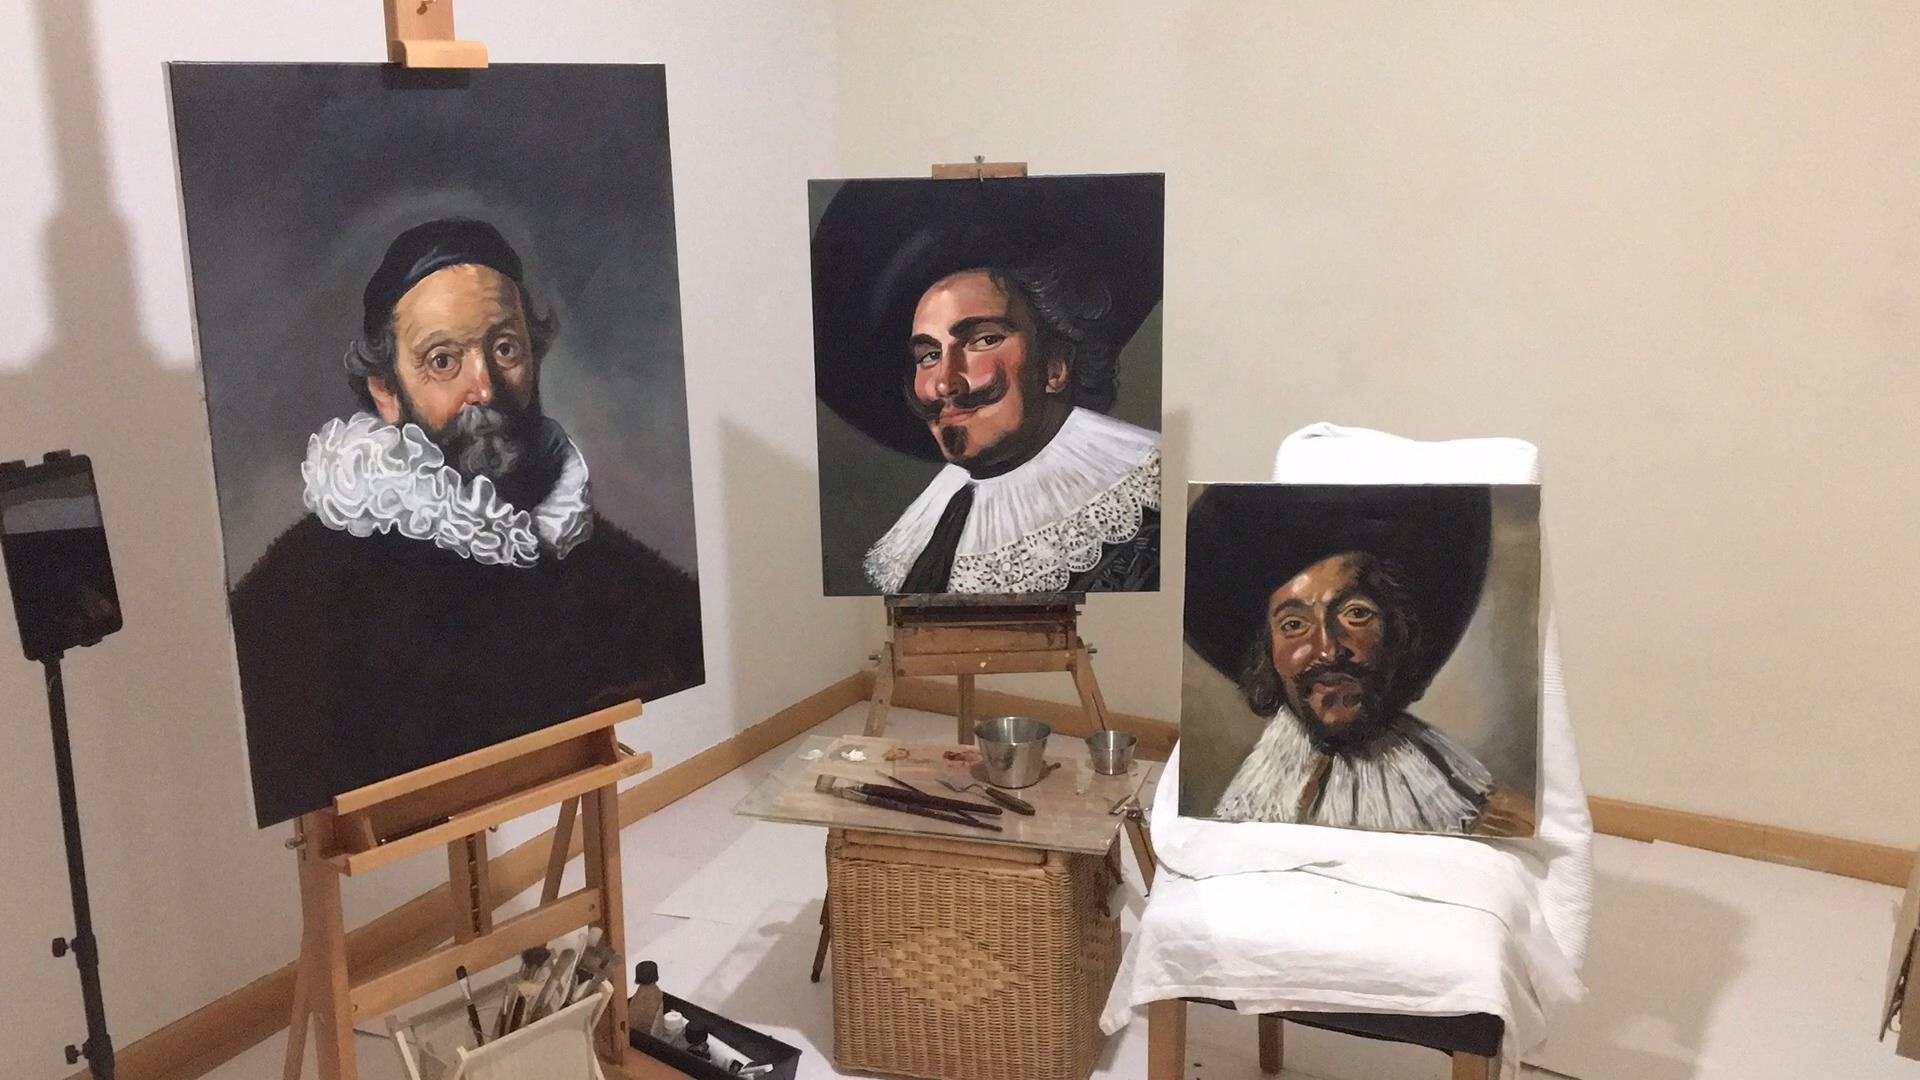 Galeria de retratos. Rembrandt y Frans Hals